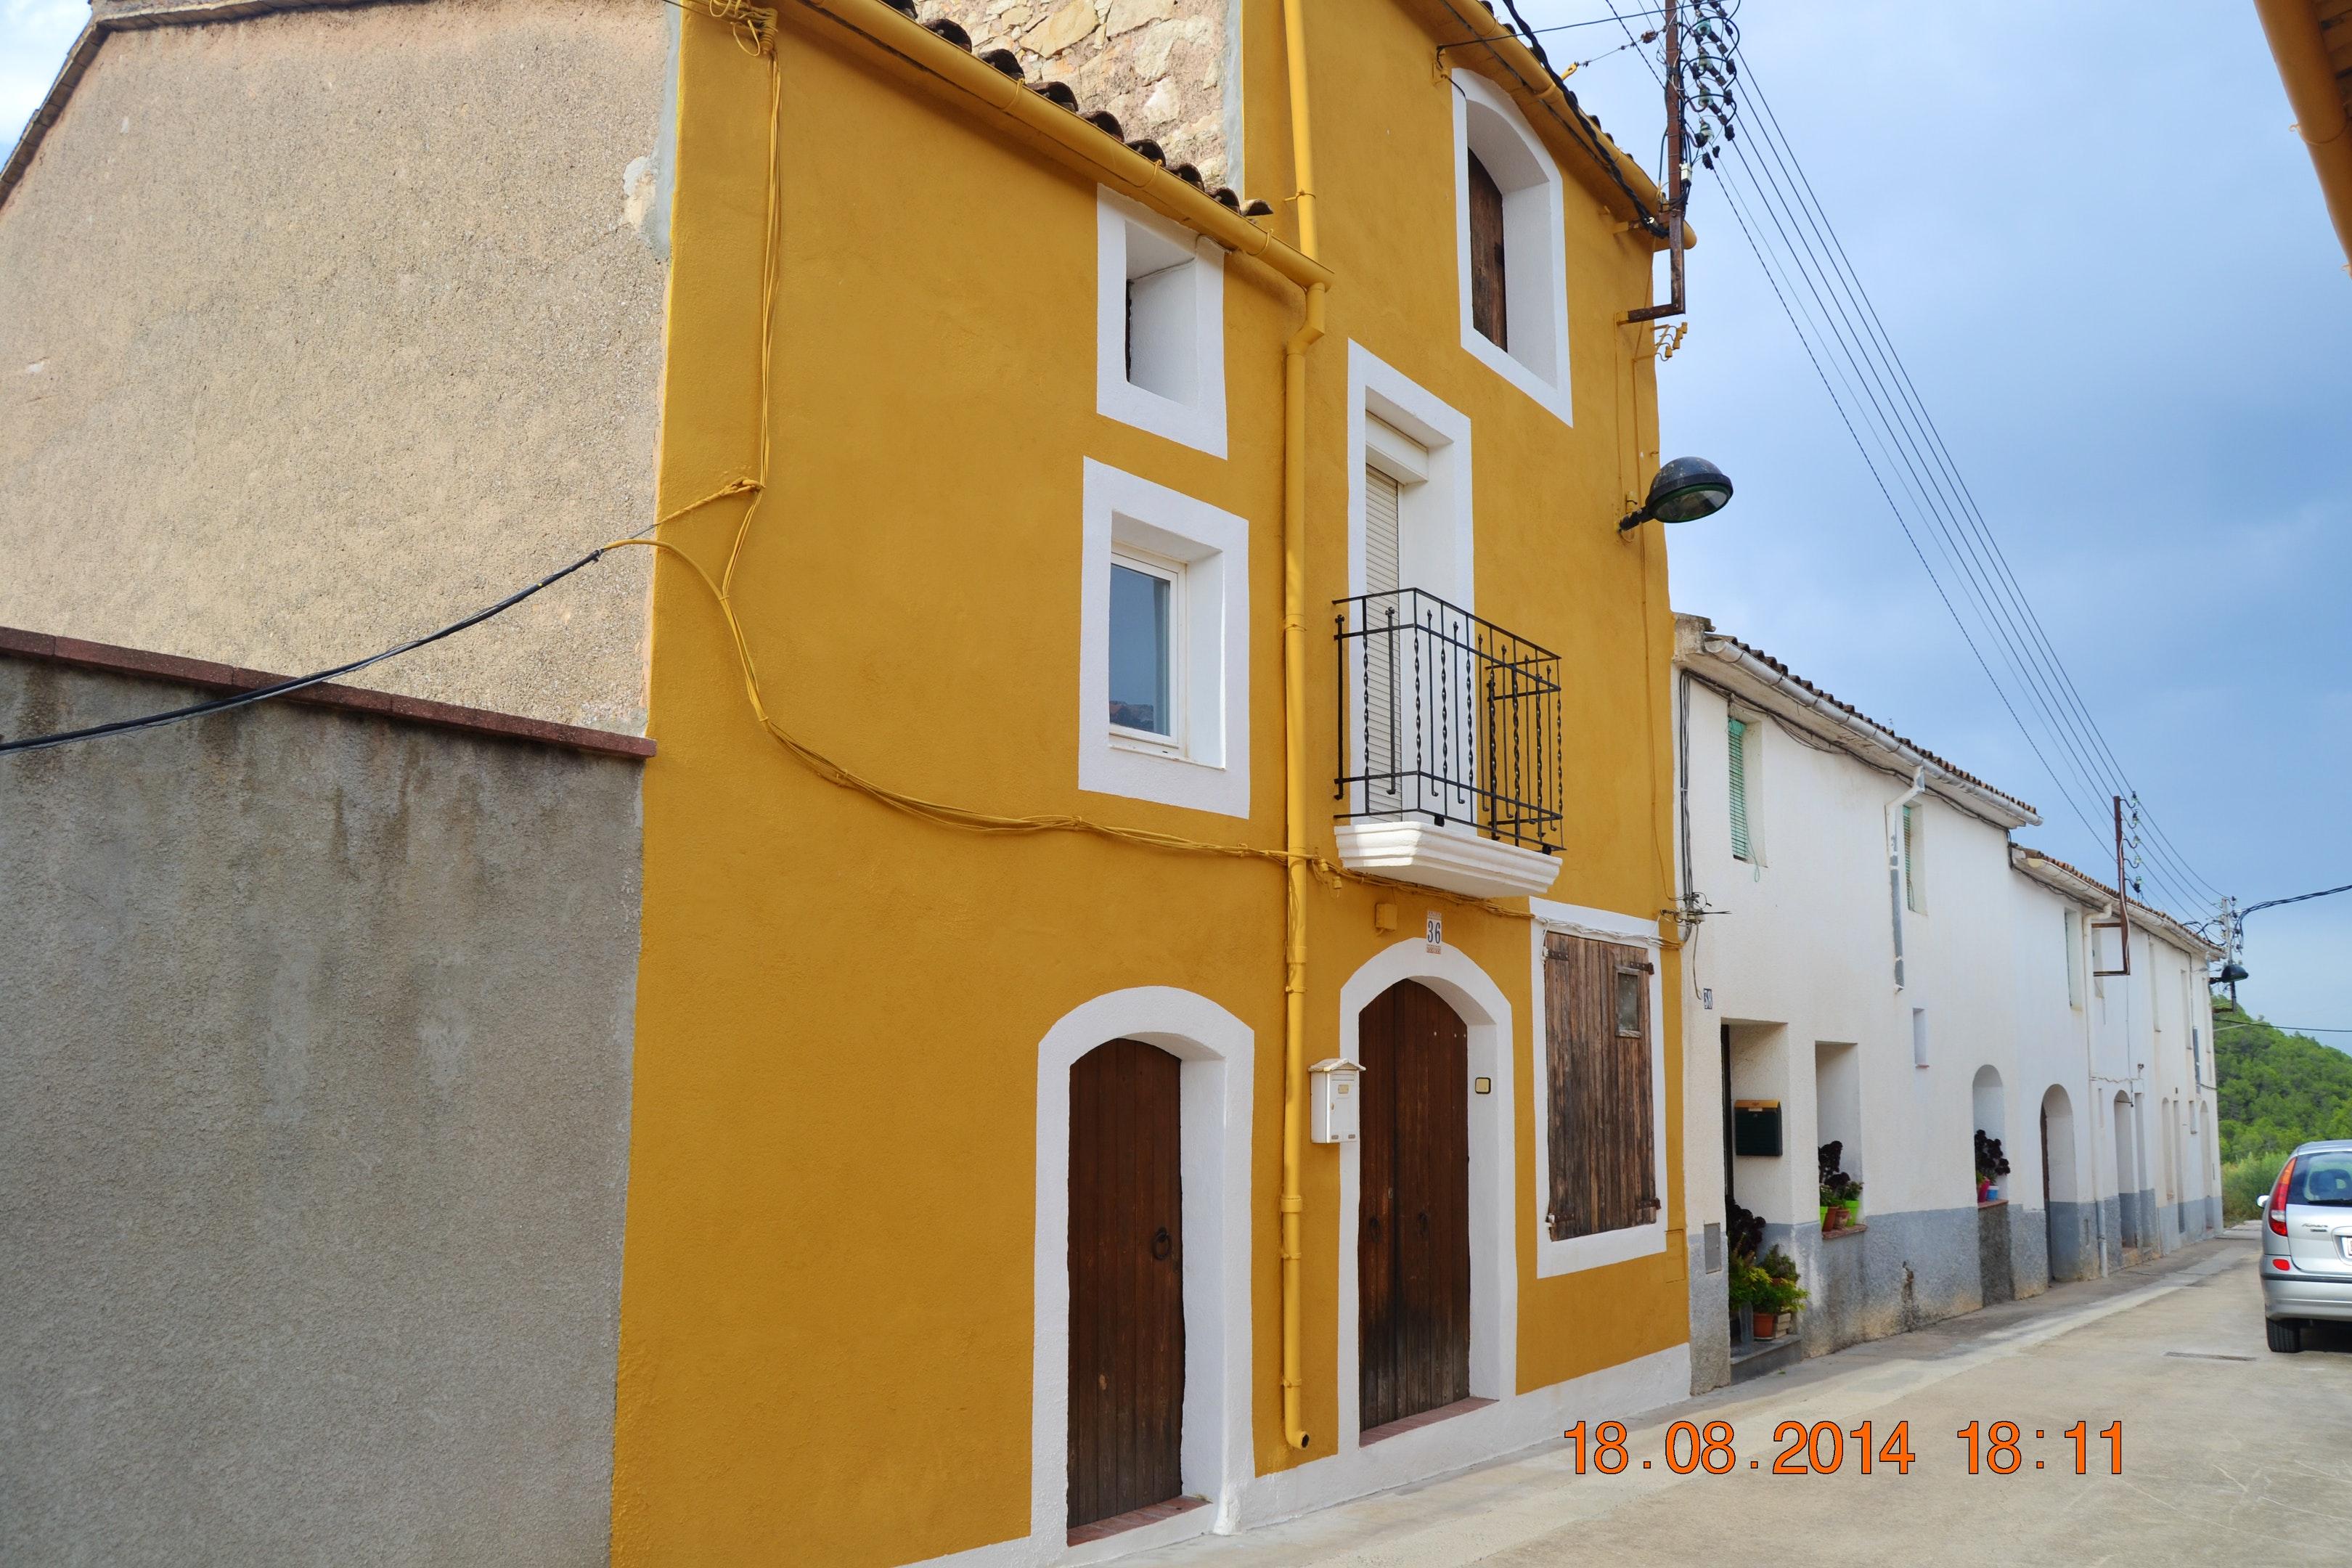 Ferienhaus Haus mit 4 Schlafzimmern in Sant Pere Sacarrera mit toller Aussicht auf die Berge, möblier (2217248), Sant Pere Sacarrera, Barcelona, Katalonien, Spanien, Bild 1